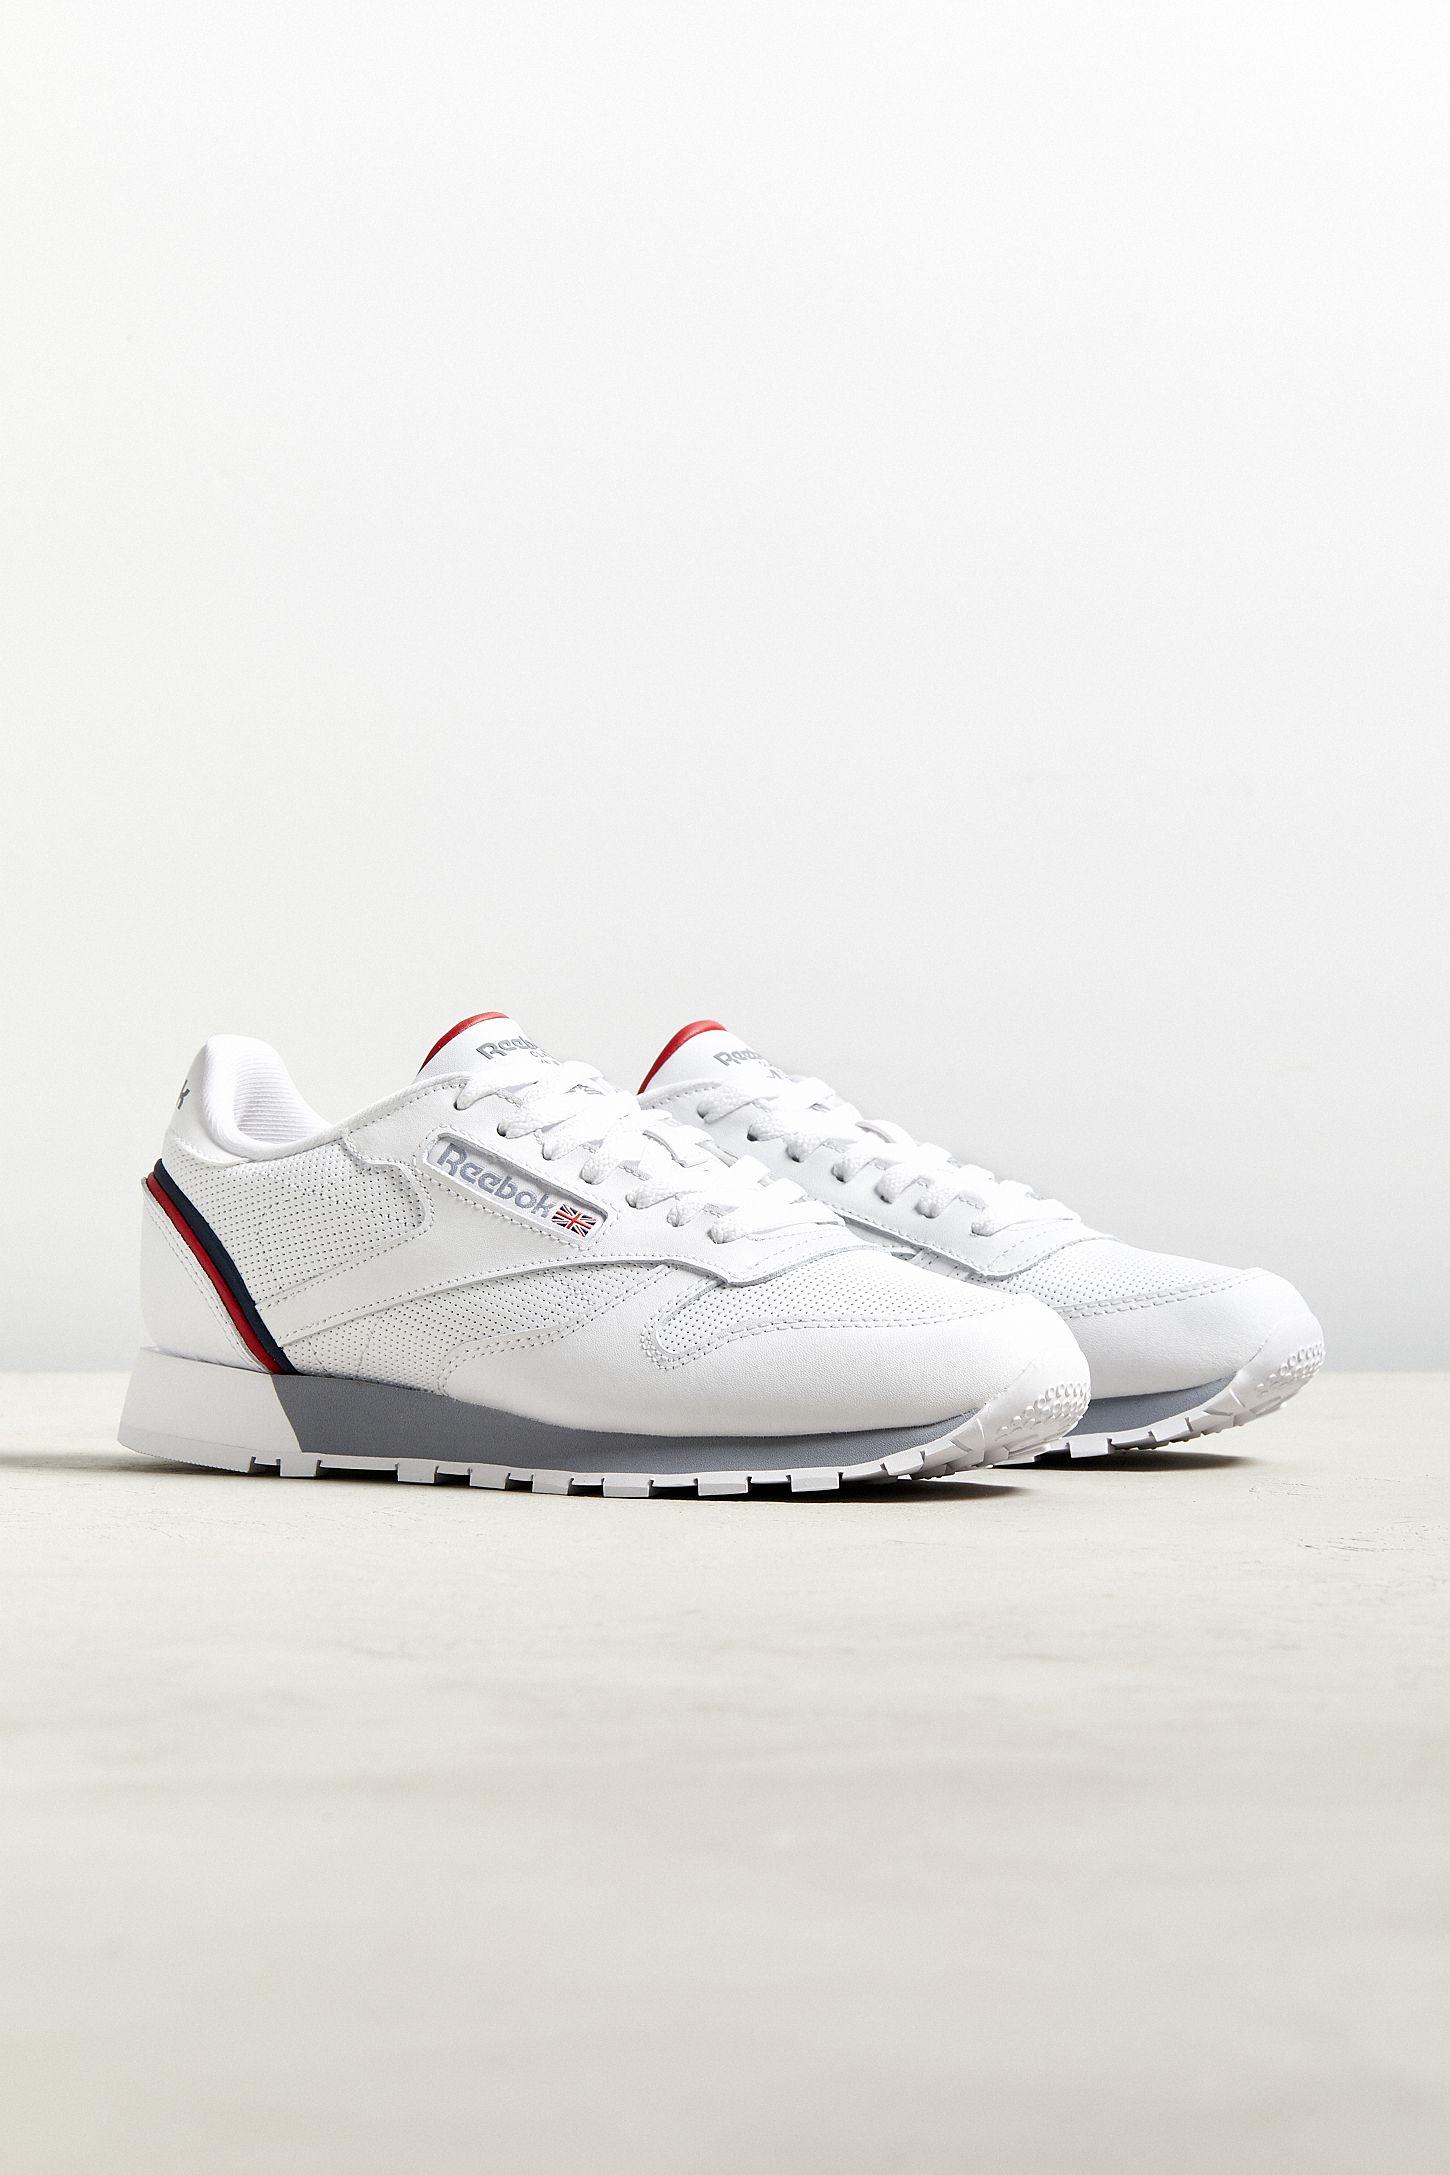 ff57818a4c3 Reebok Classic Leather MU Sneaker